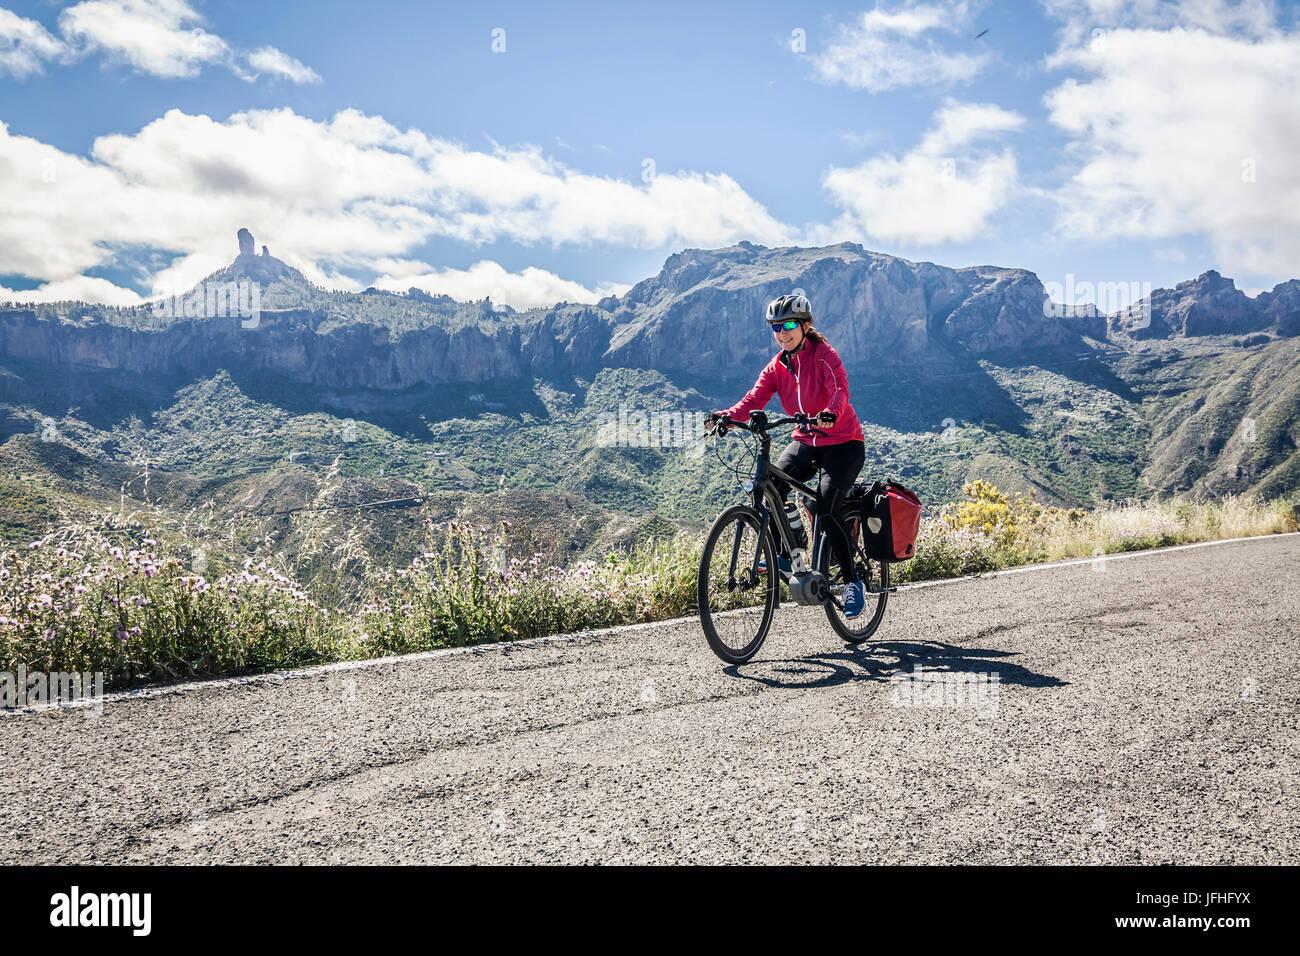 La donna in sella della bicicletta elettrica su strada di montagna Immagini Stock